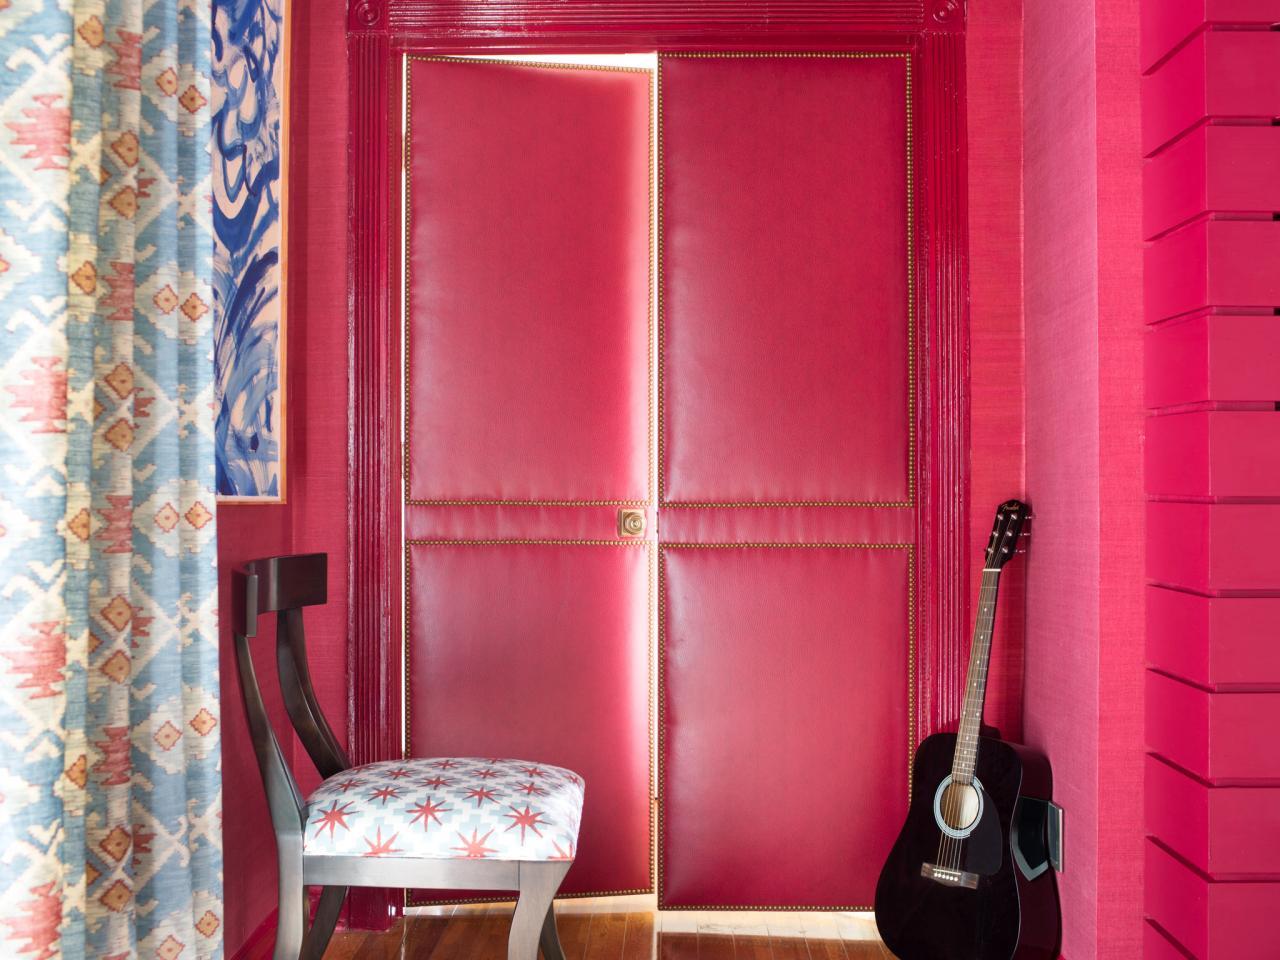 Двустворчатая розовая дверь с мягкой обивкой